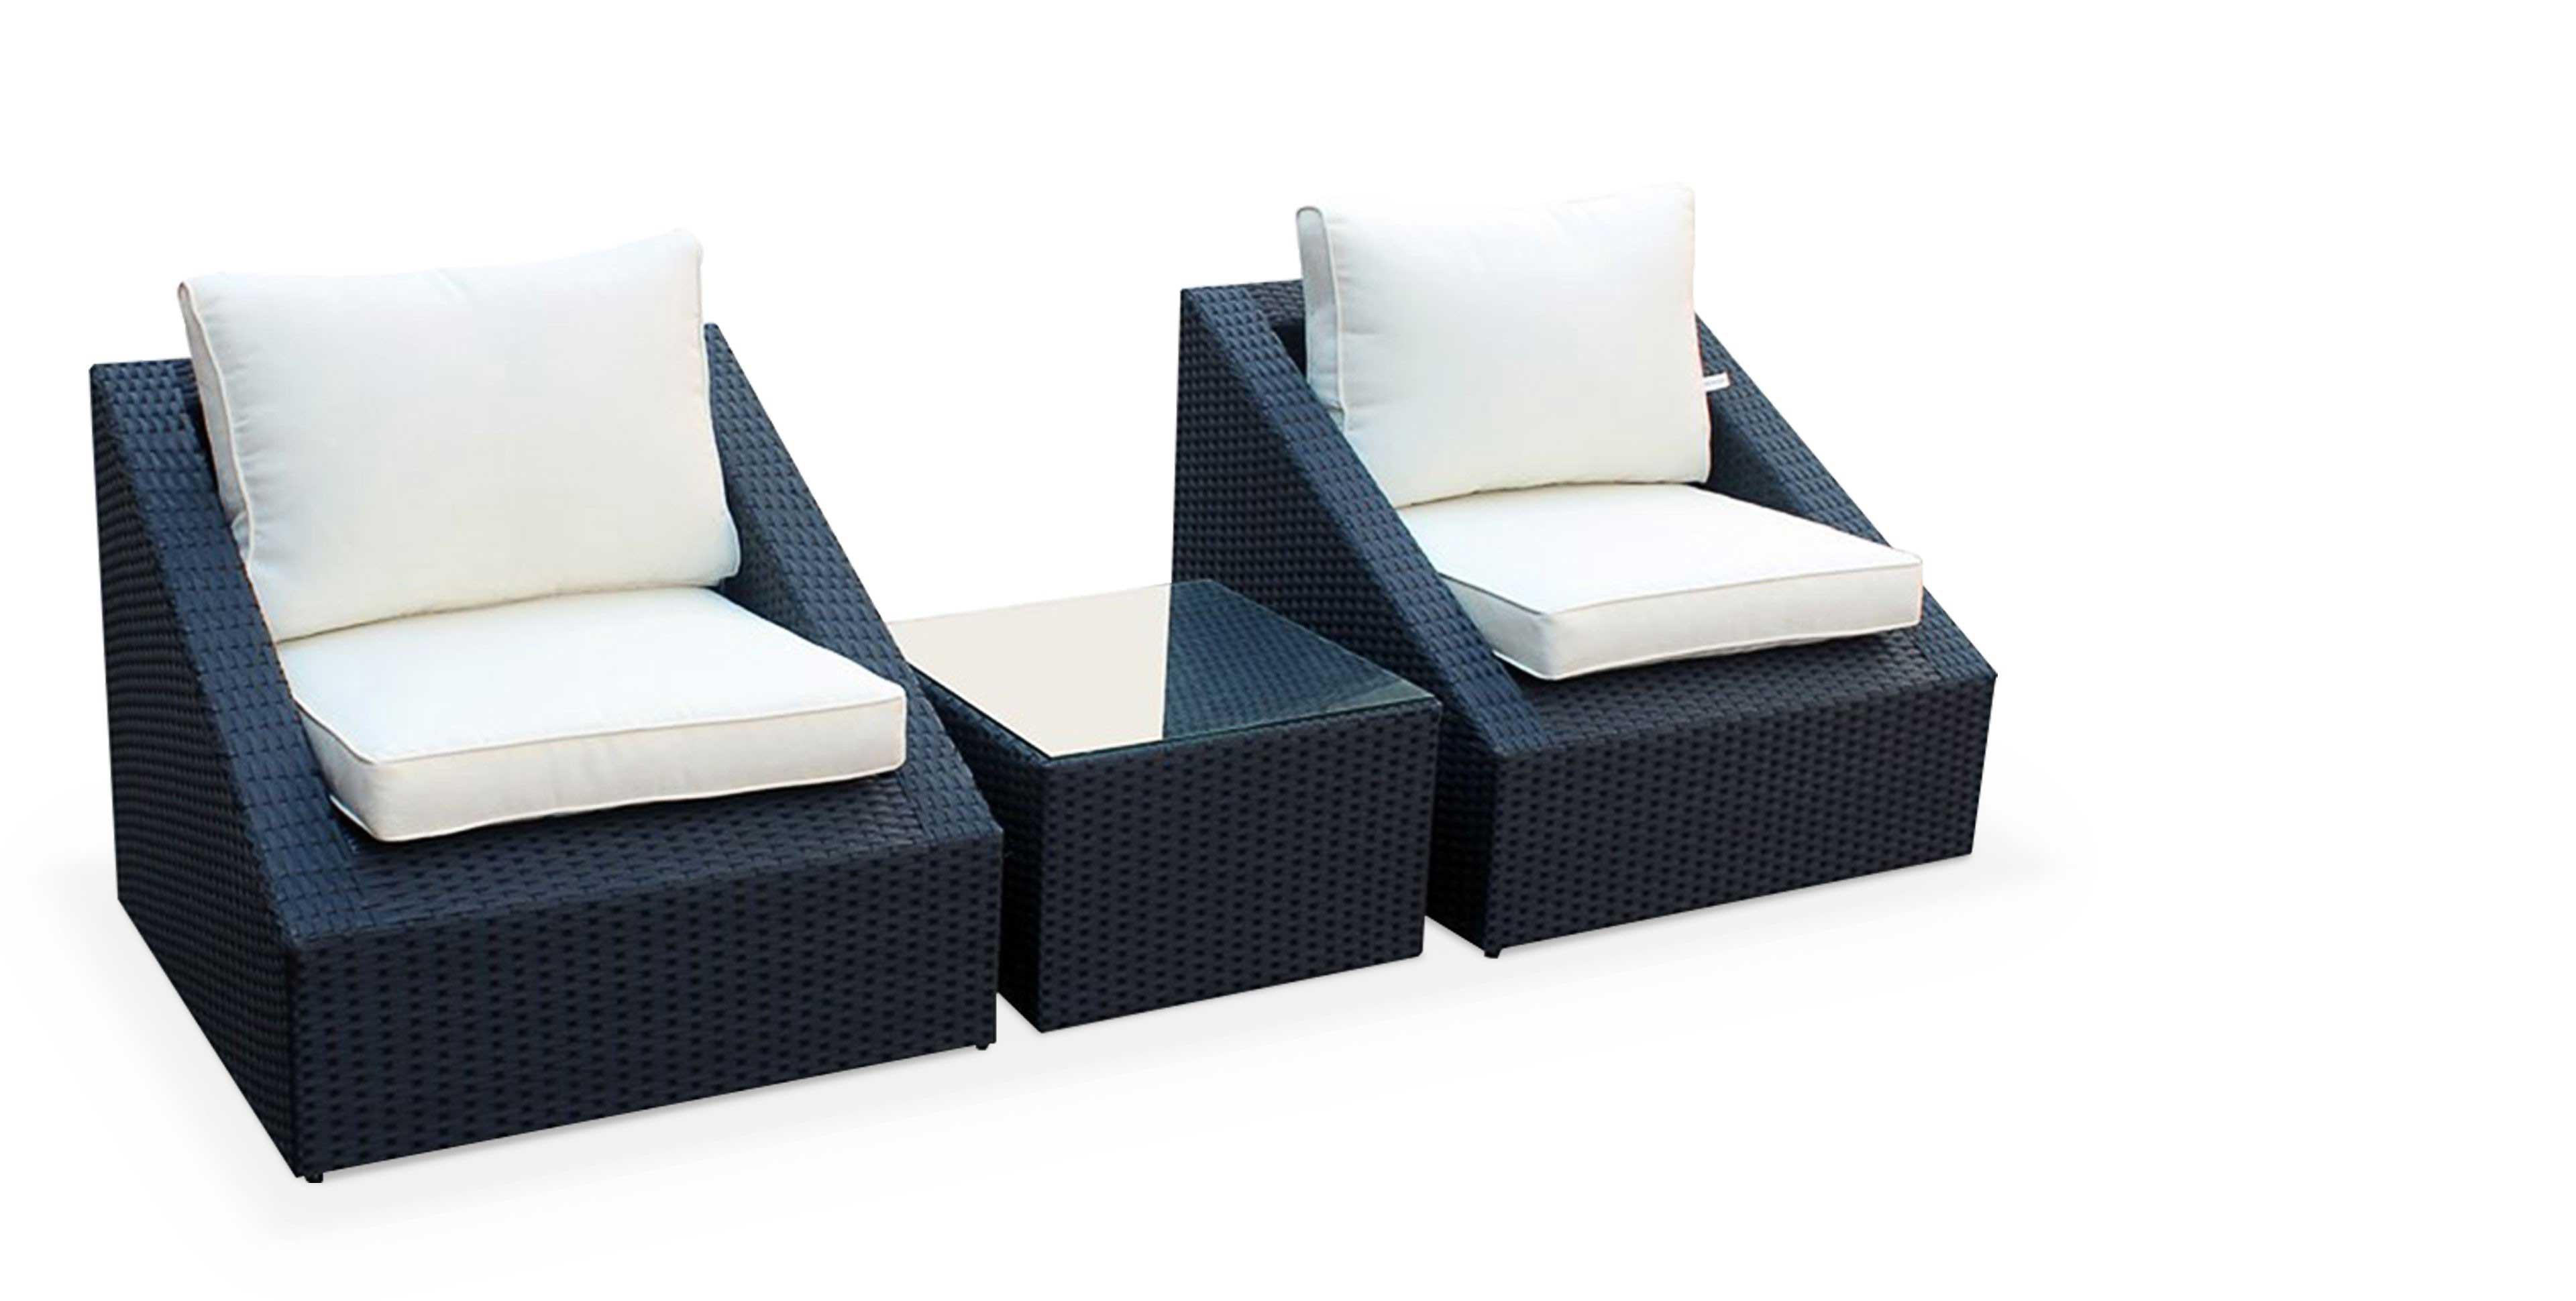 salon de jardin 2 fauteuils 1 table